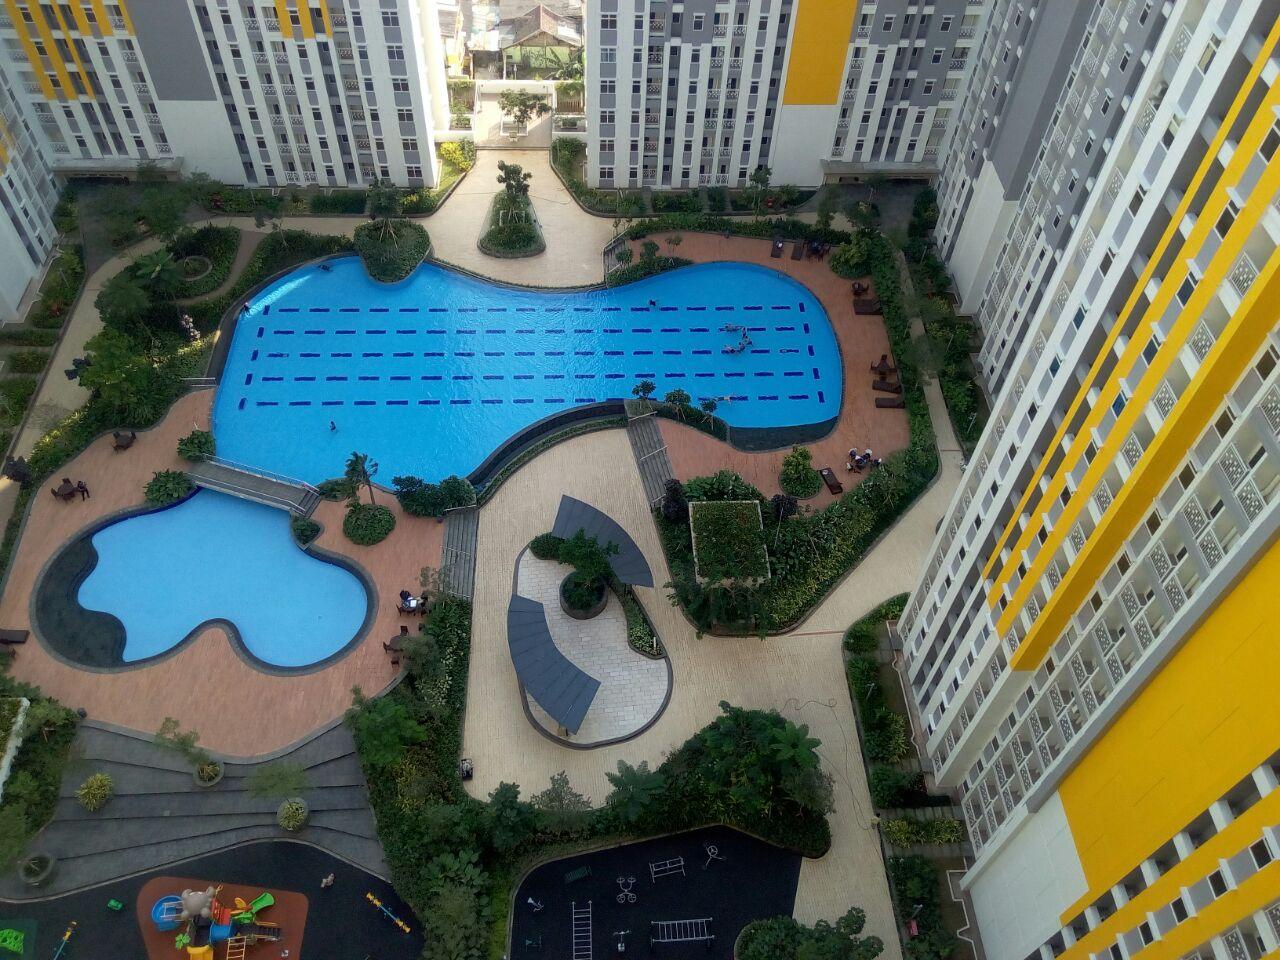 Jual Rugi Apartment Springlake 3 BR Tower Caldesia Lt.25 No.31 Cuma 700 Jutaan